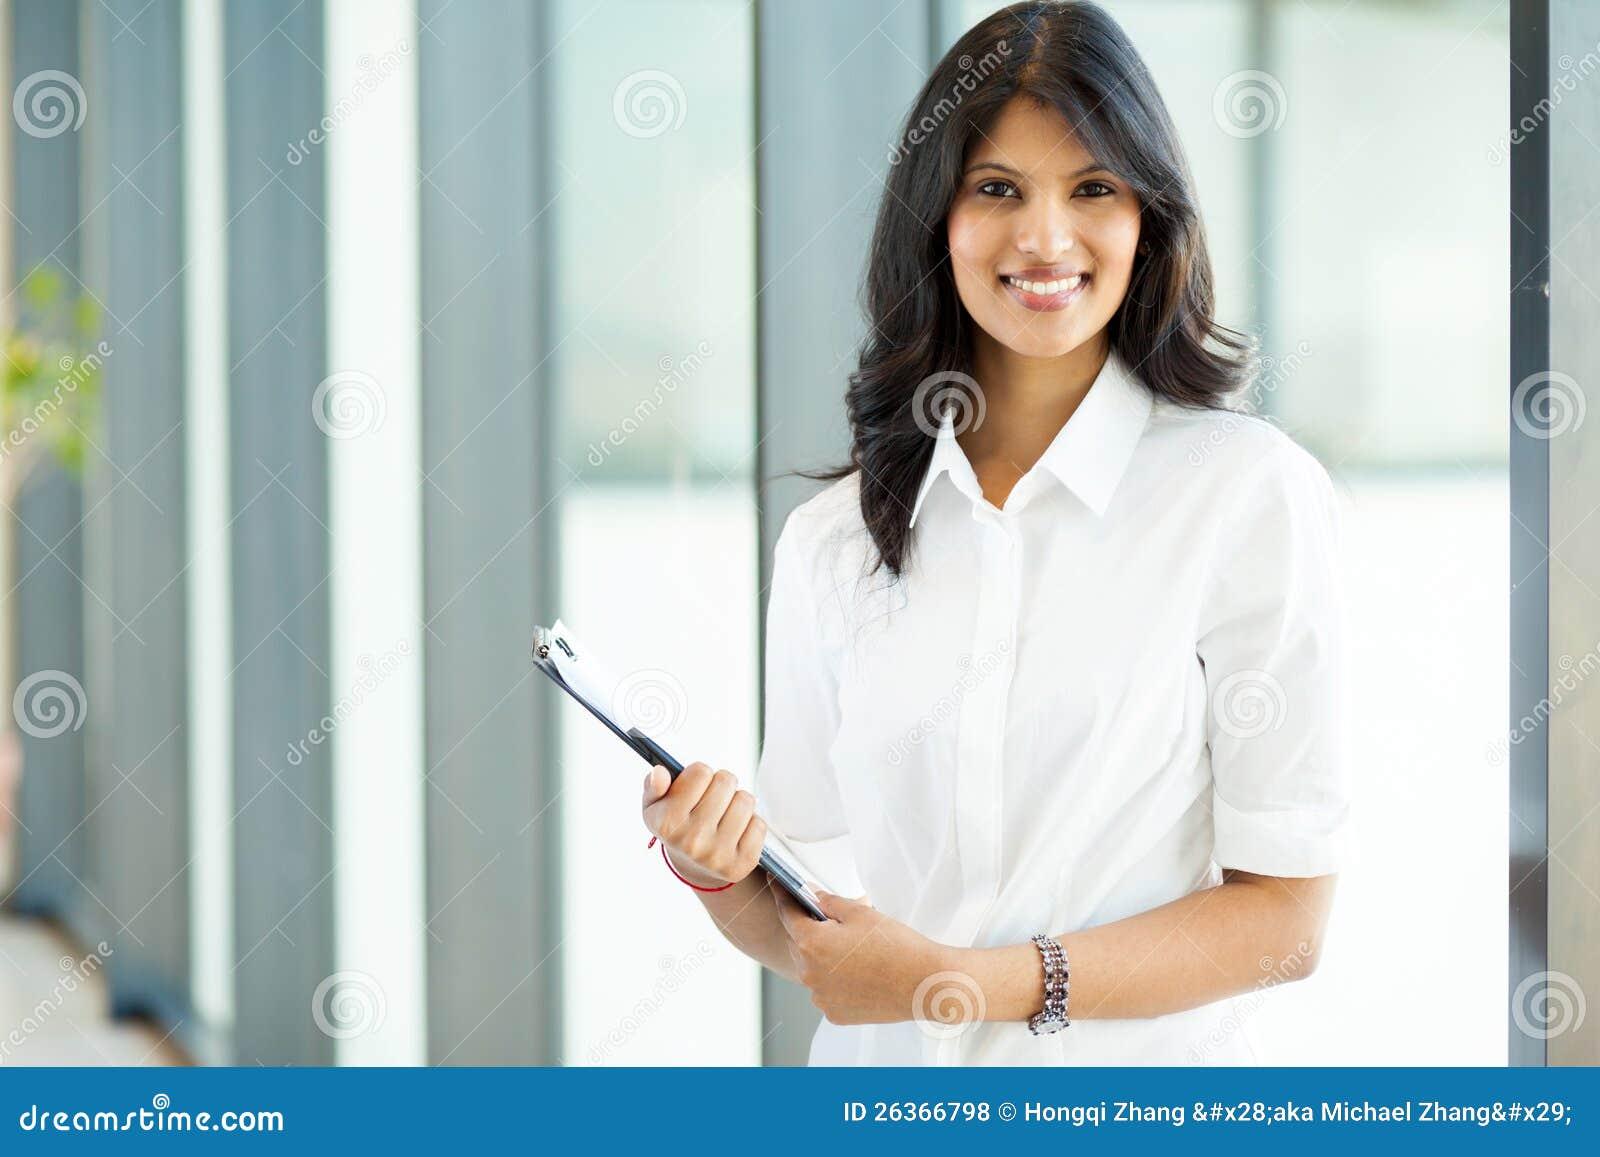 Attraktive indische Geschäftsfrau